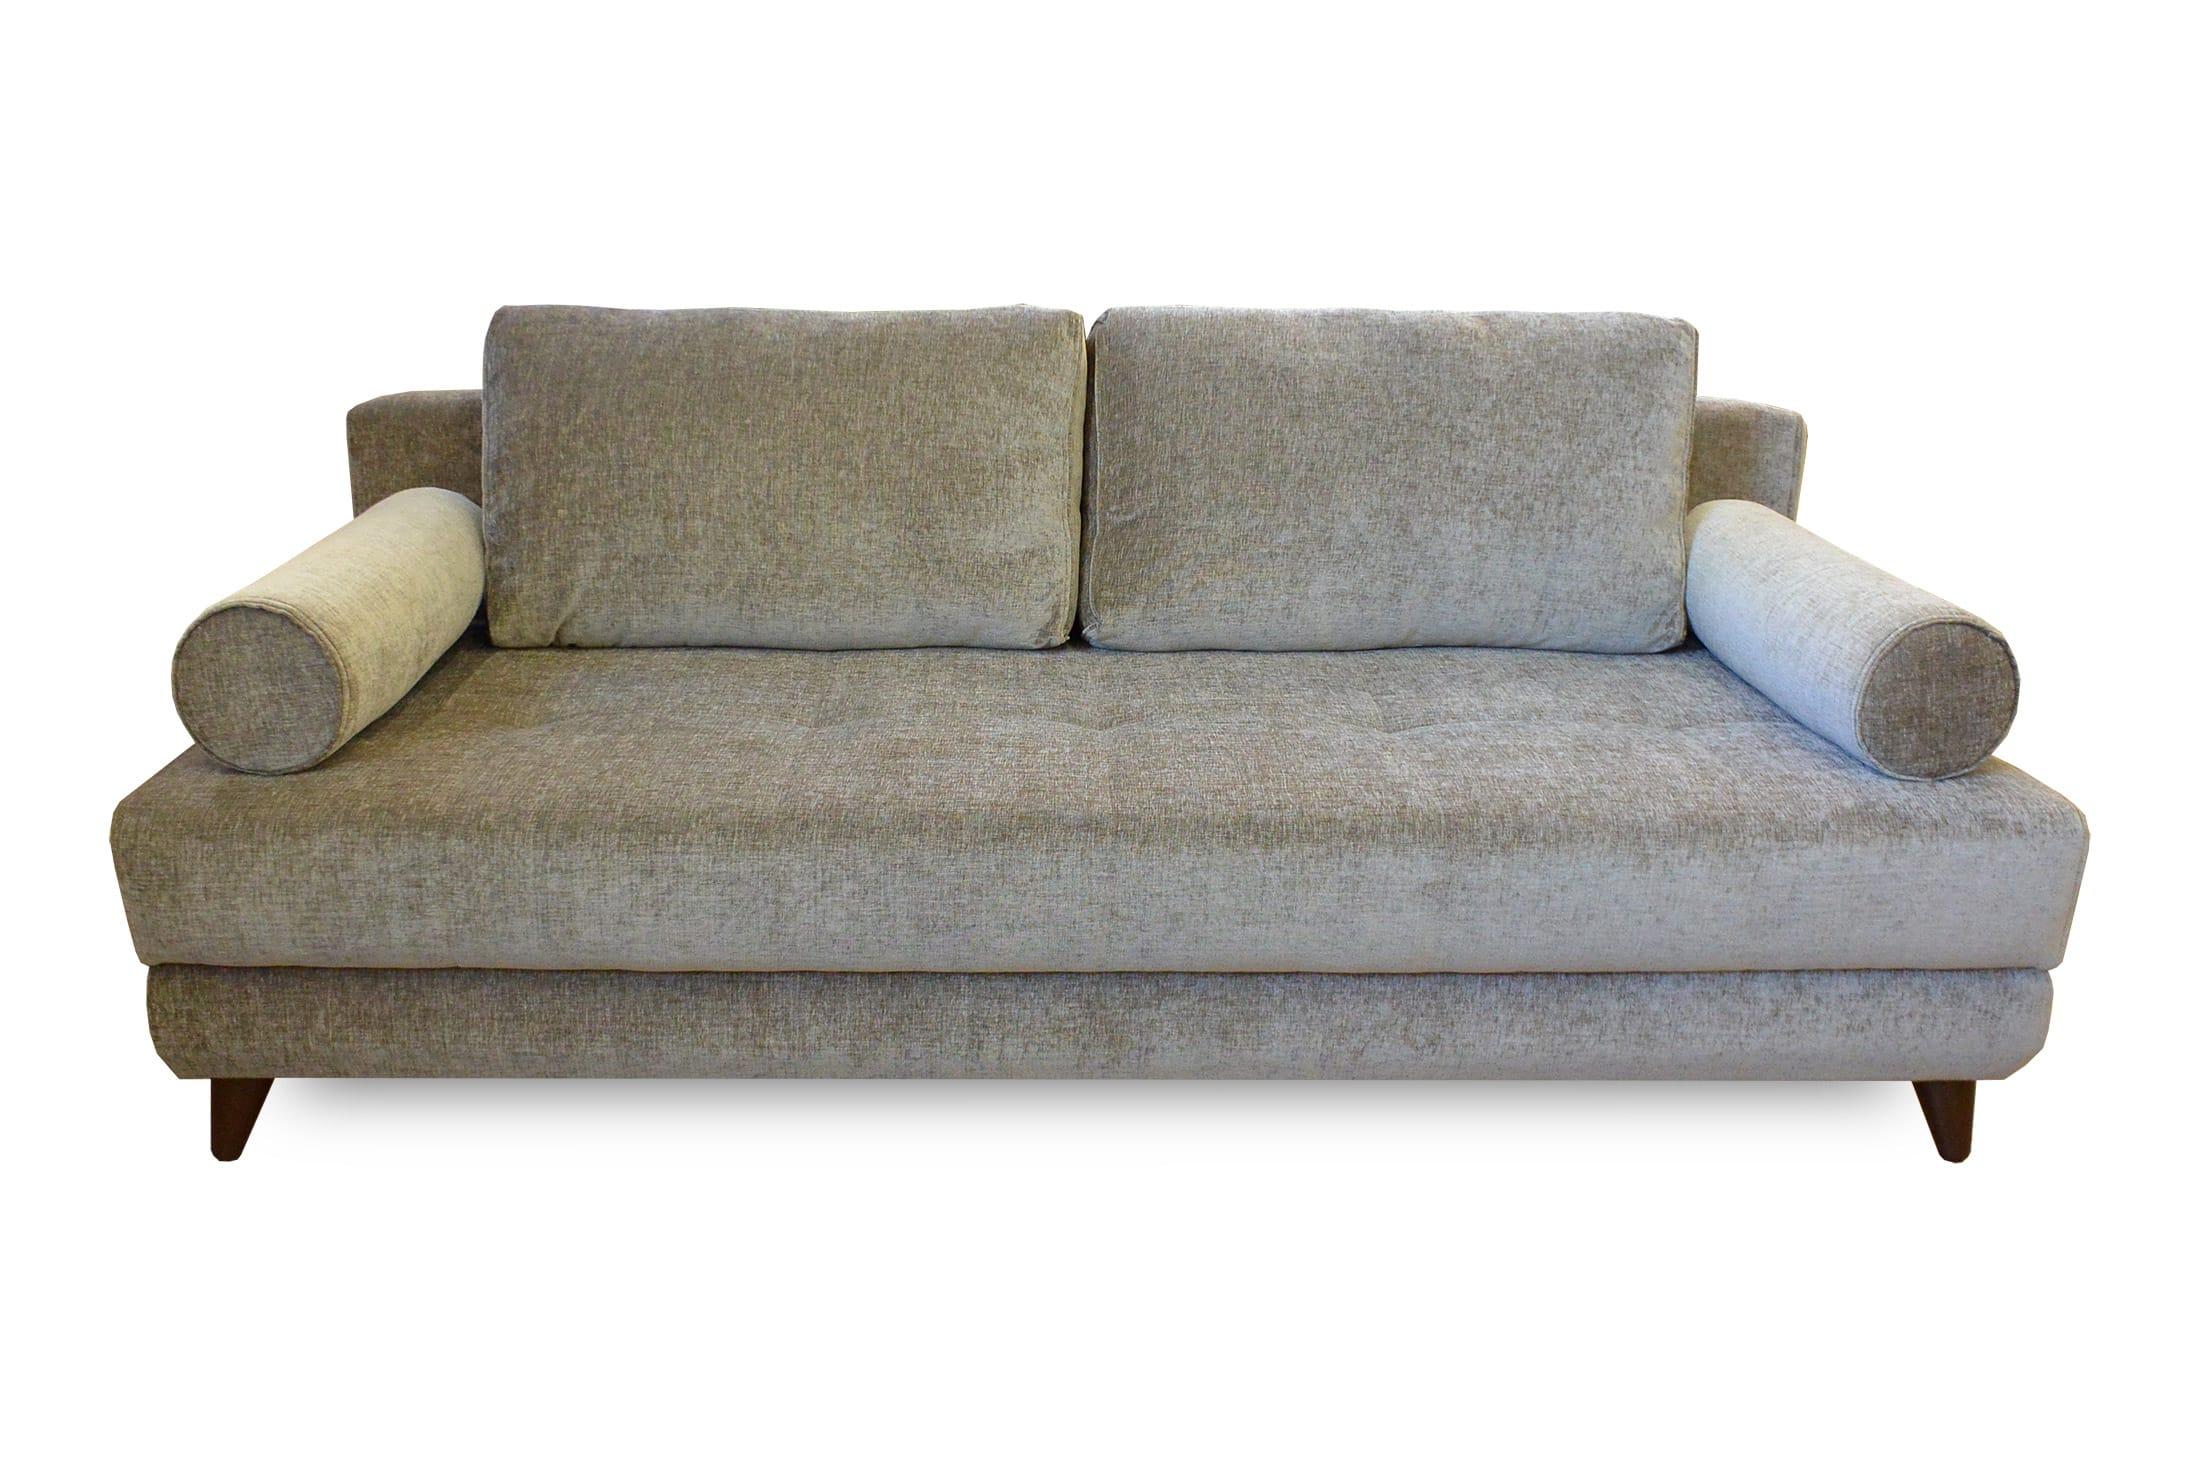 Stella Jennefer Light Brown Convertible Sofa Bed Queen Sleeper